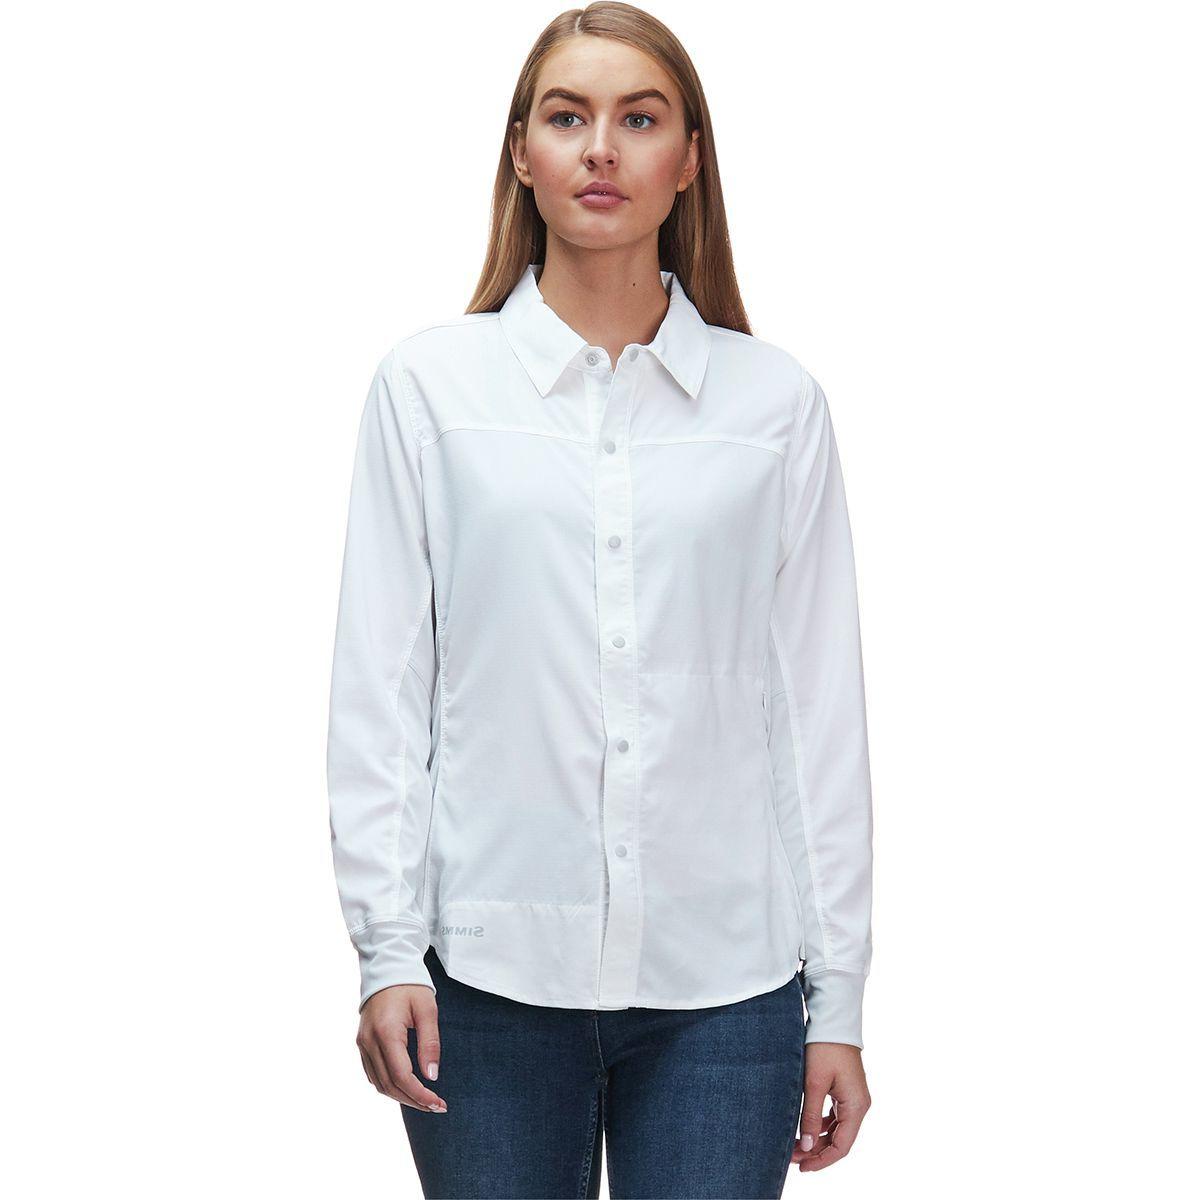 Simms BiComp Long-Sleeve Shirt - Women's